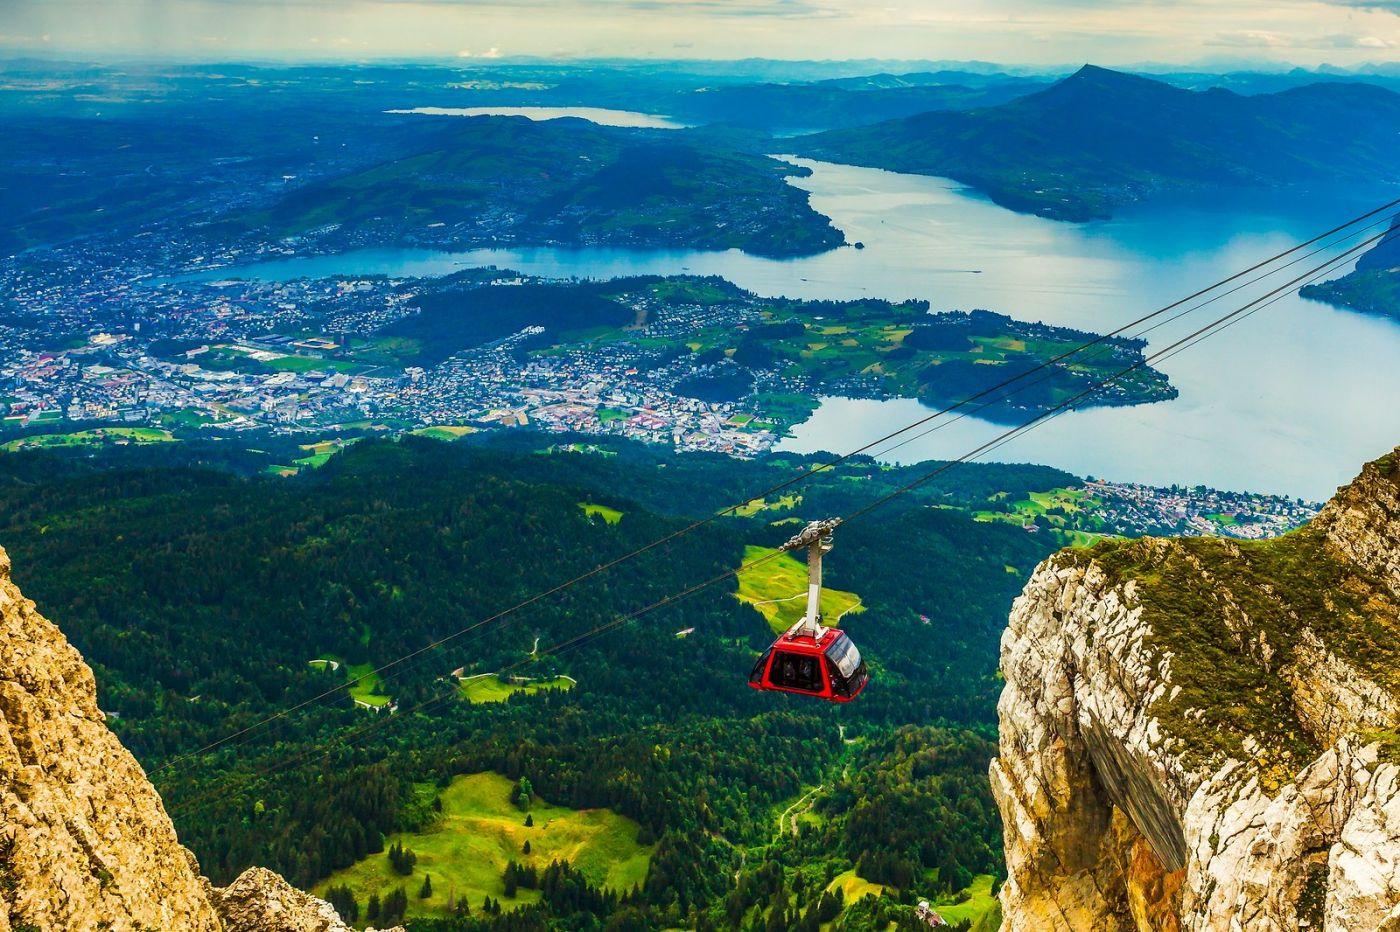 瑞士卢塞恩(Lucerne),坐缆车看风景_图1-1